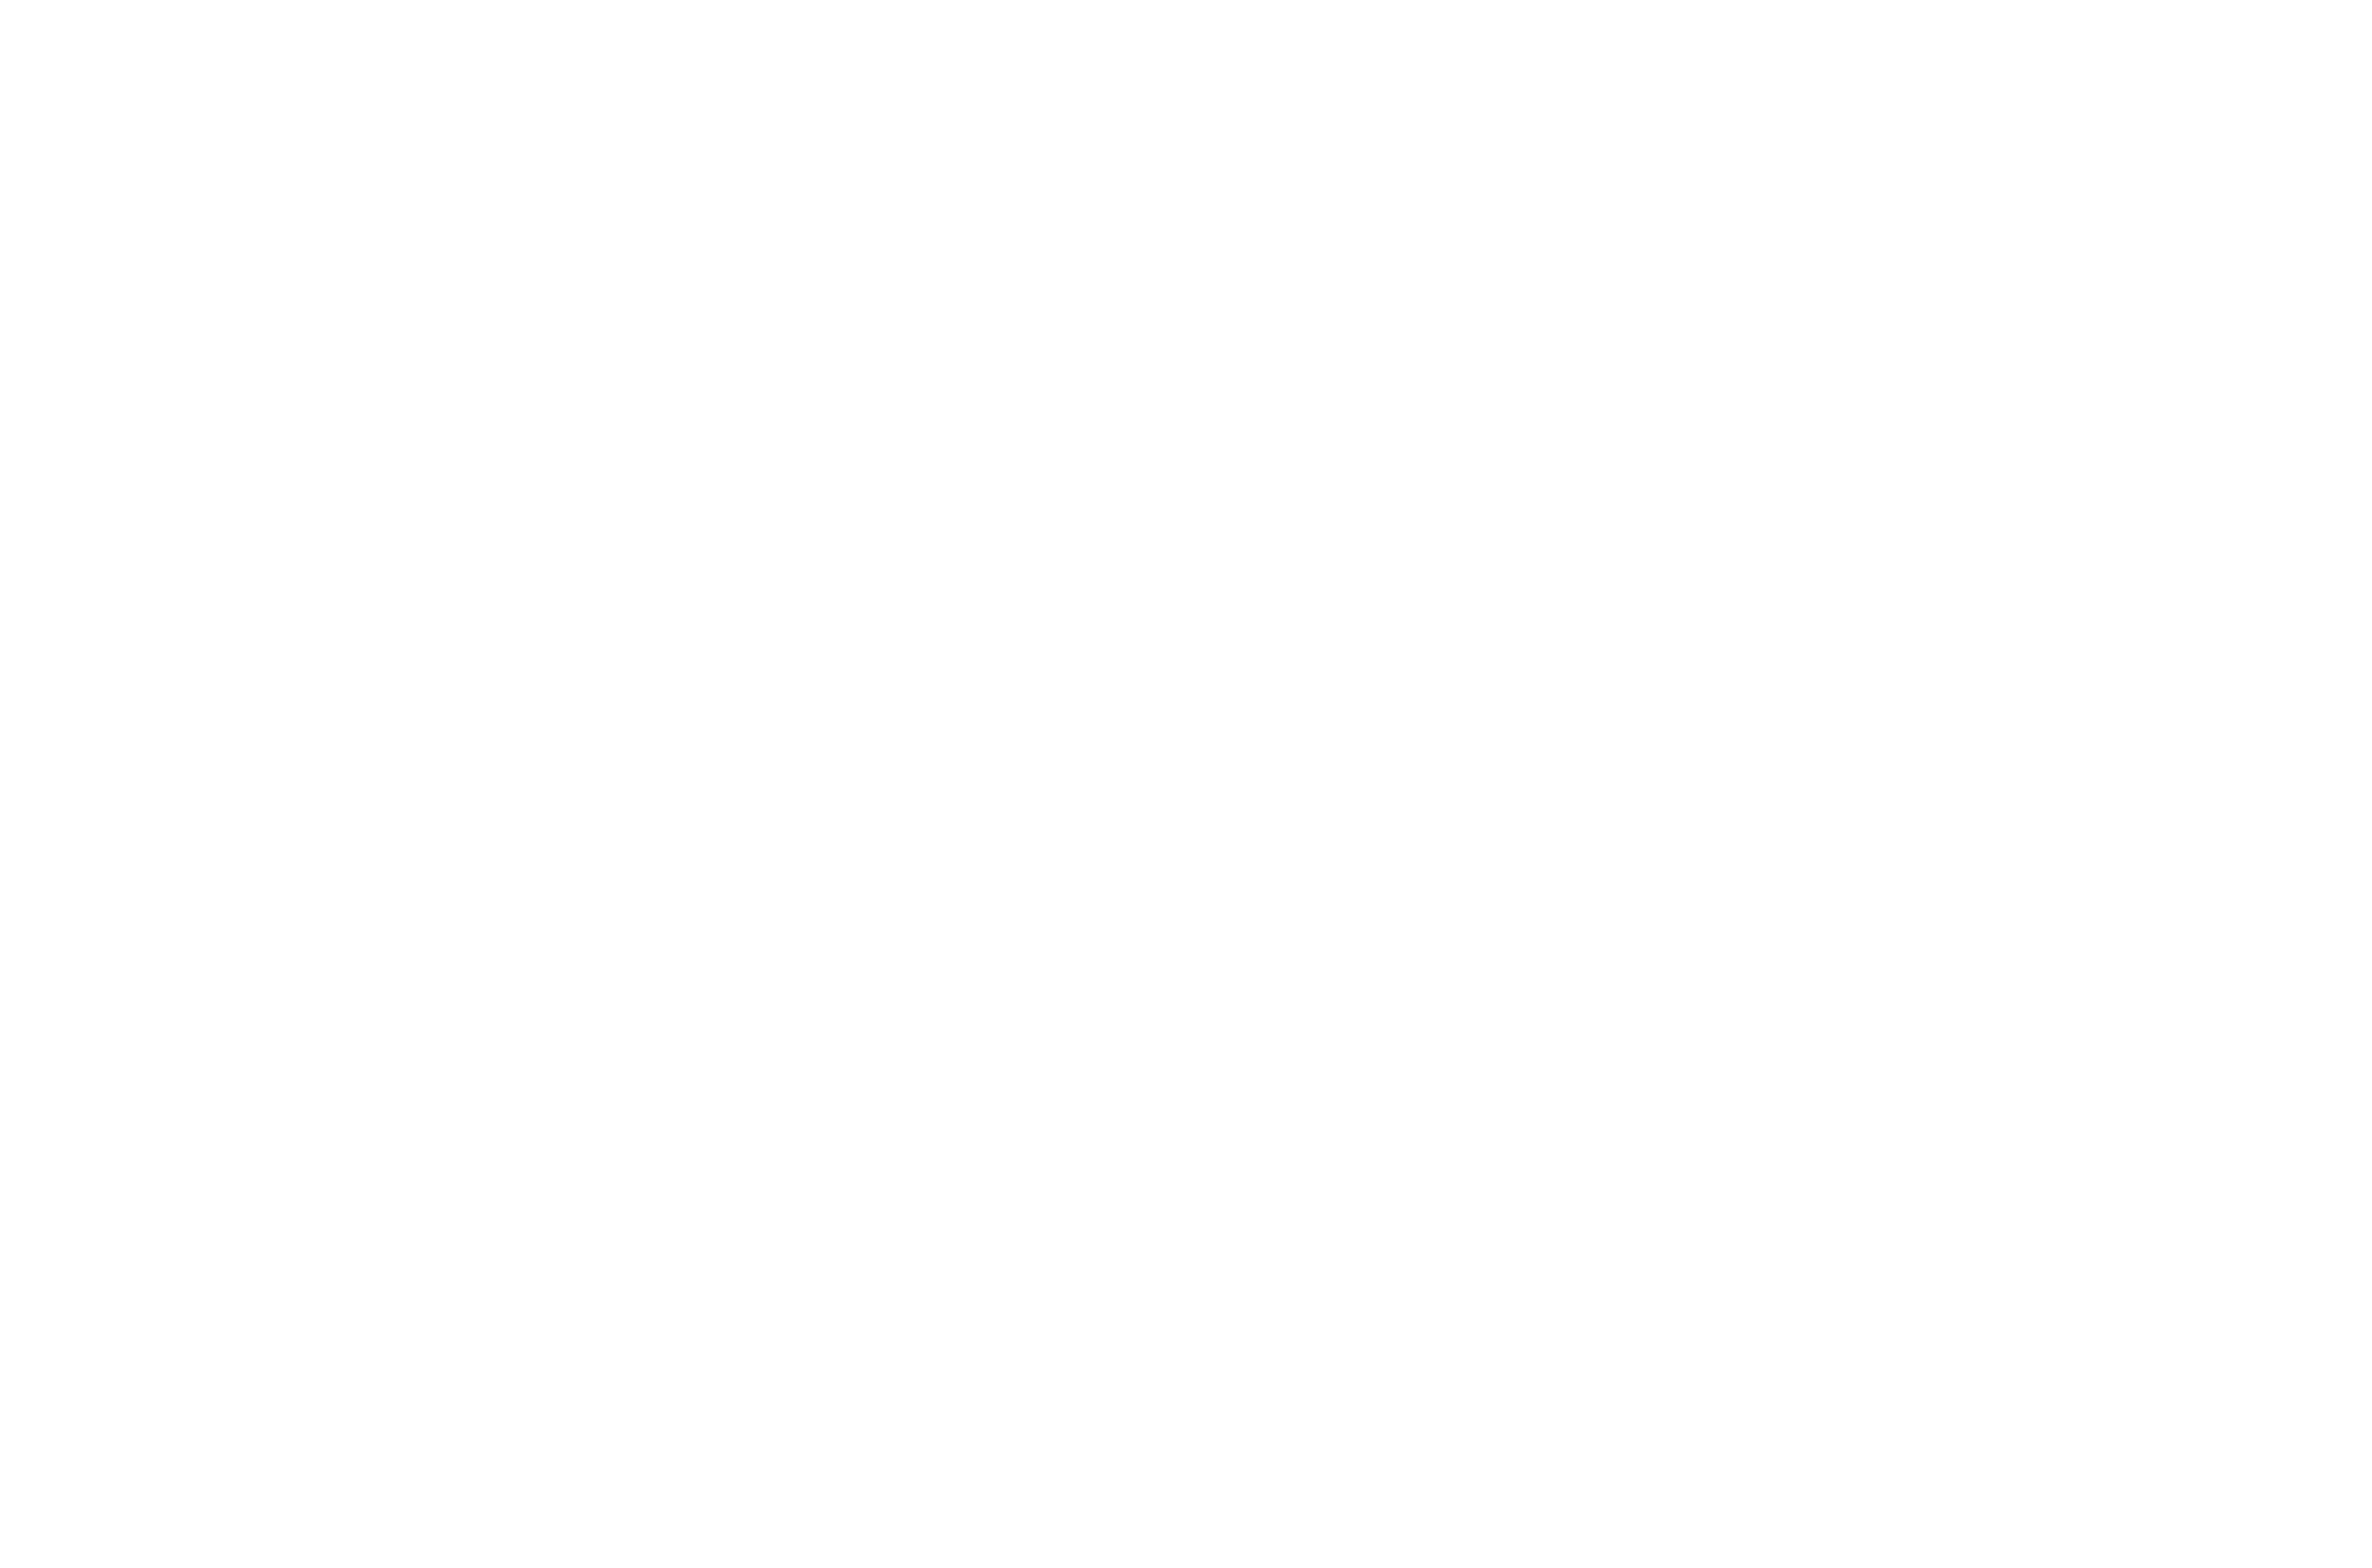 a5b0a02cd0c6877e3c39b4d327b92fd4.png